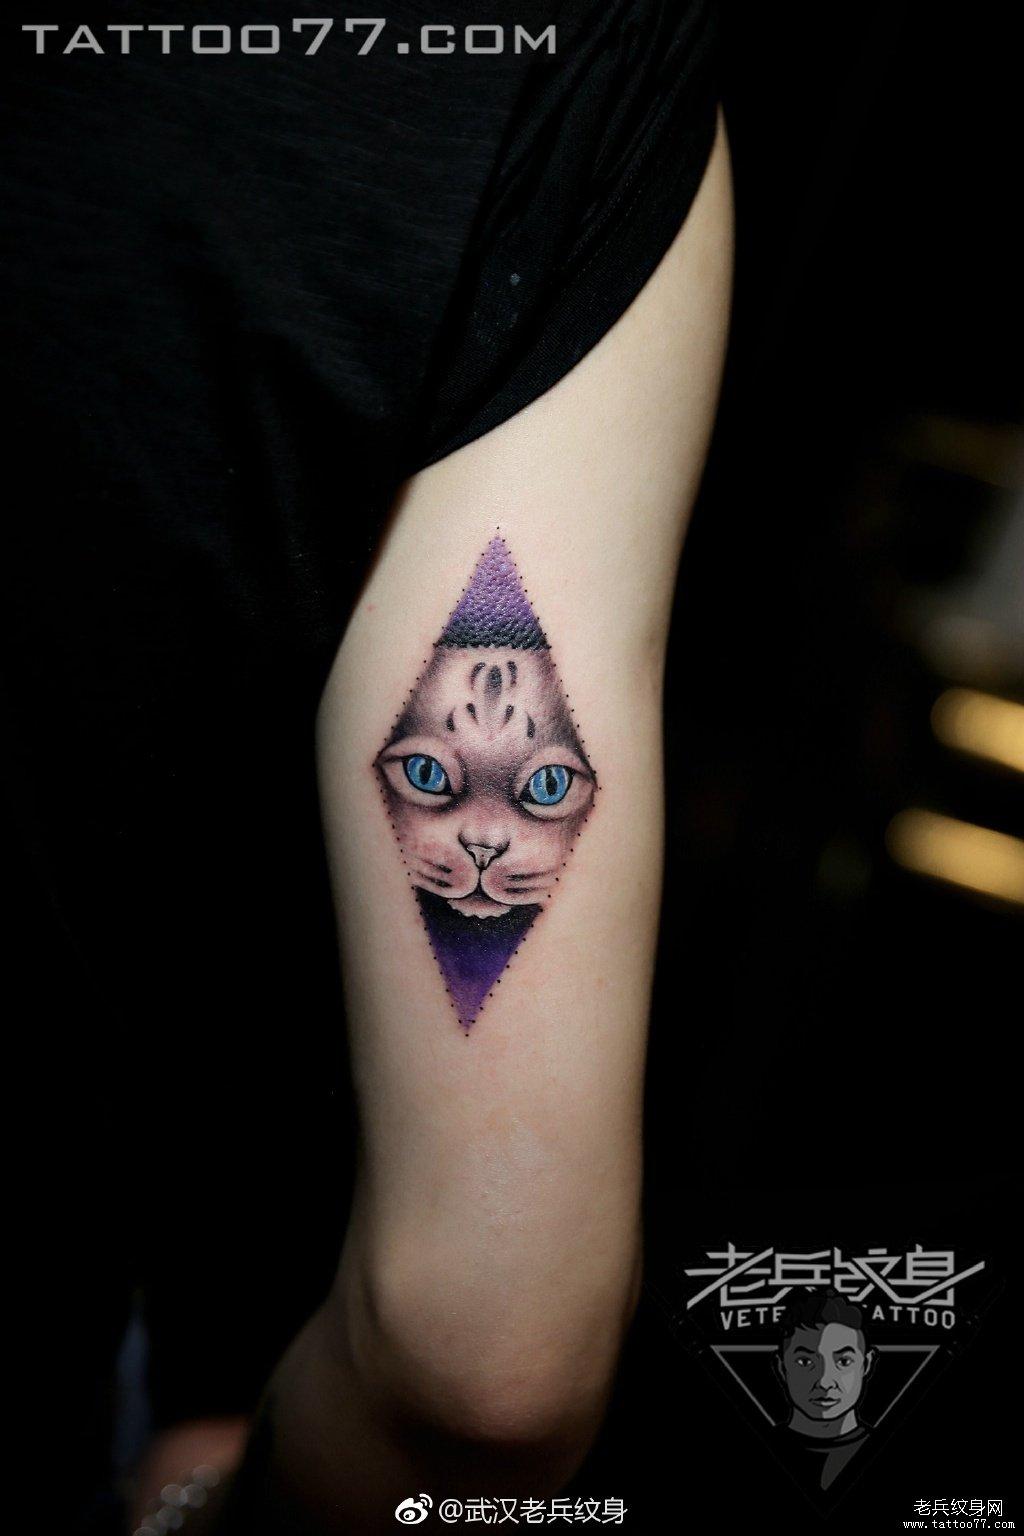 手臂彩色可爱小猫咪刺青作品